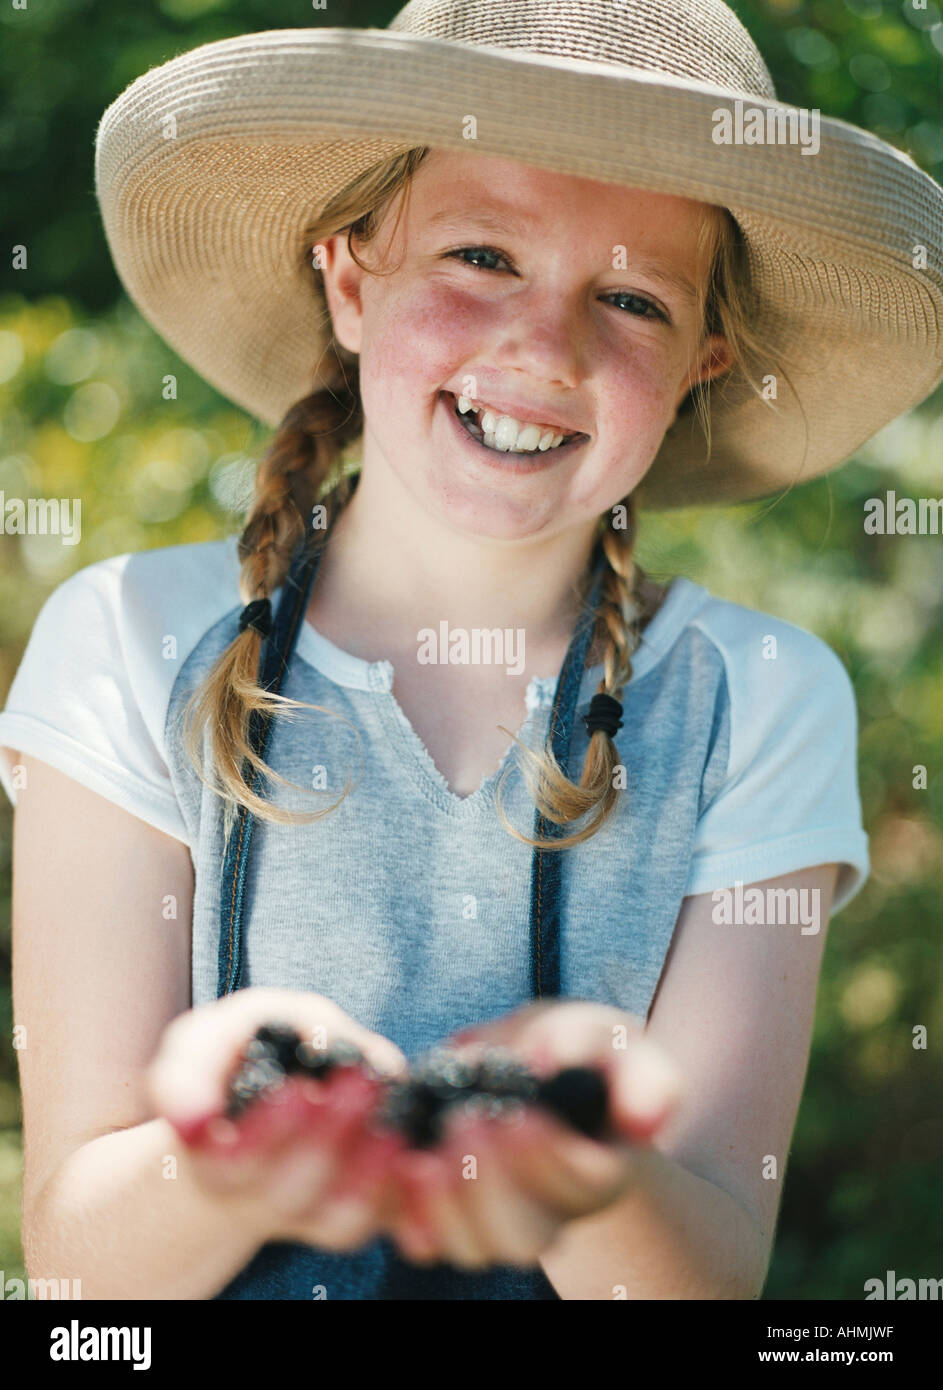 Joven muestra con orgullo las moras silvestres ha recogido Imagen De Stock